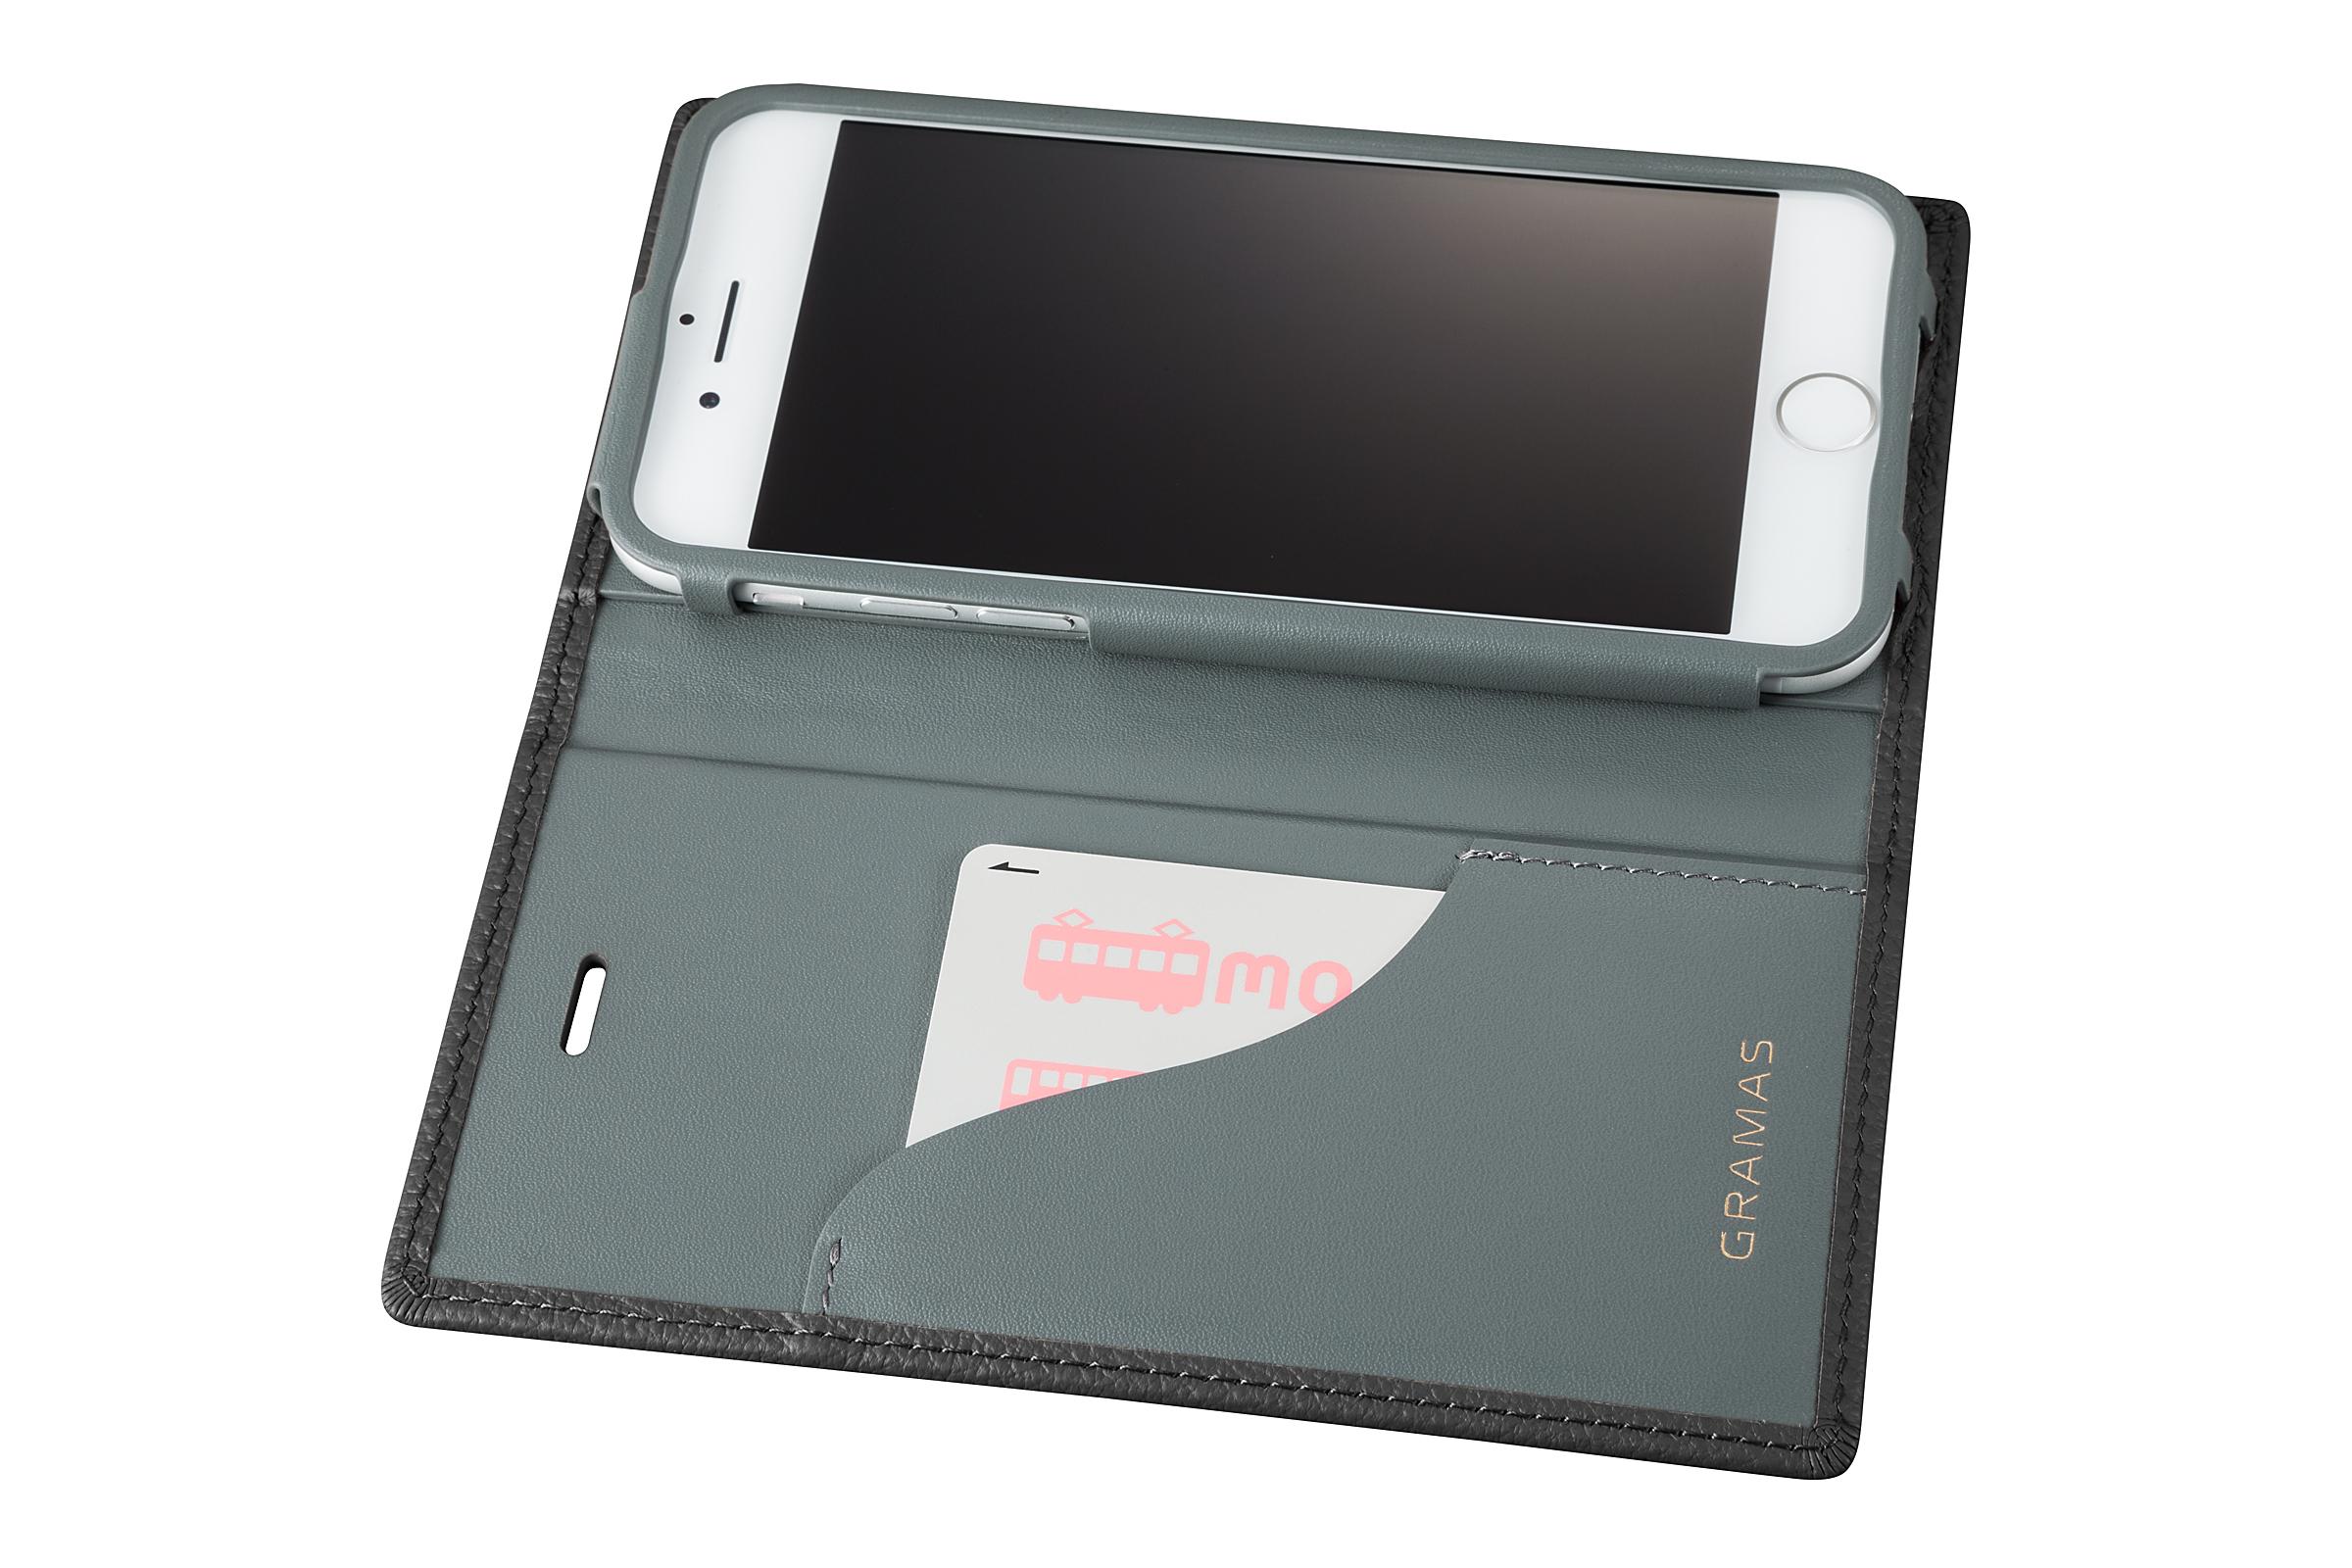 GRAMAS Shrunken-calf Full Leather Case for iPhone 7(Black) シュランケンカーフ 手帳型フルレザーケース GLC646BK - 画像4